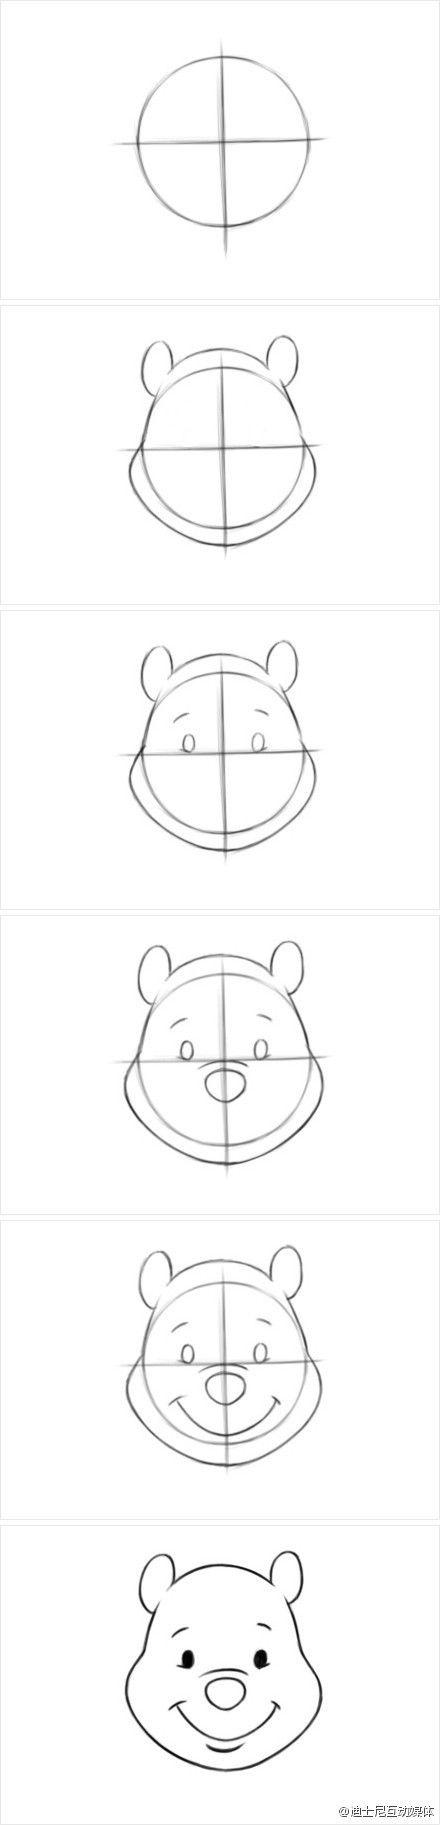 Tutorial ilustración cara oso